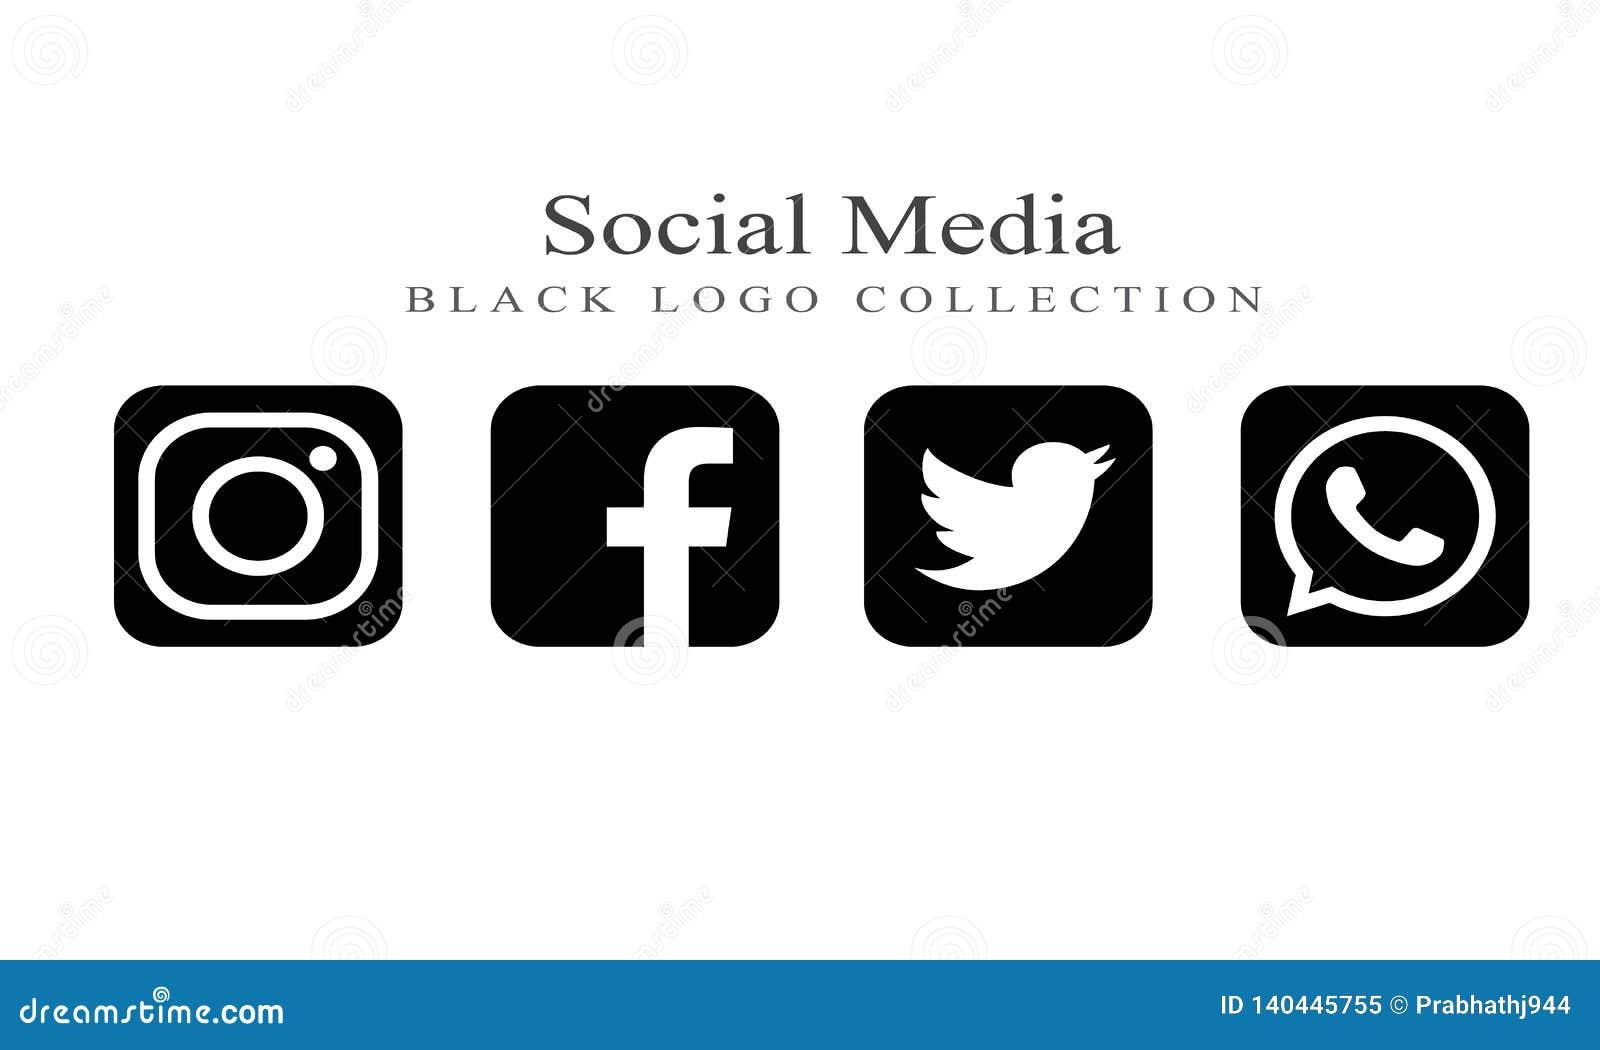 Colección de logotipos sociales de los medios en color negro